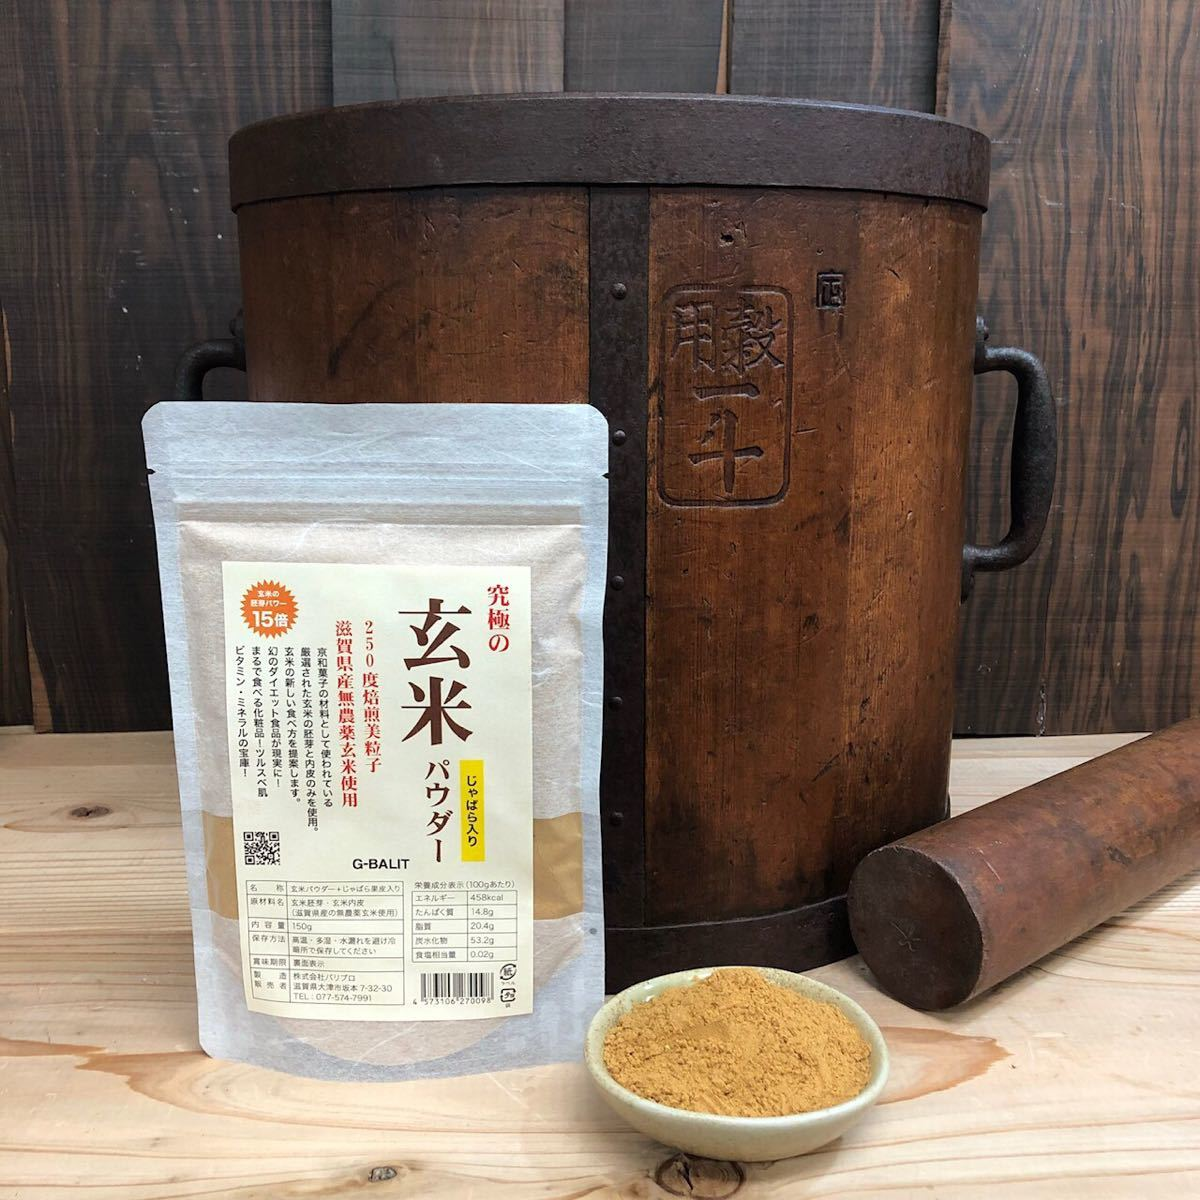 究極の玄米パウダーじゃばら果皮配合 300g 滋賀県無農薬玄米使用 美粒子タイプ じゃばら 玄米 玄米粉 じゃばら果皮 無糖 無添加UP HADOO_画像2